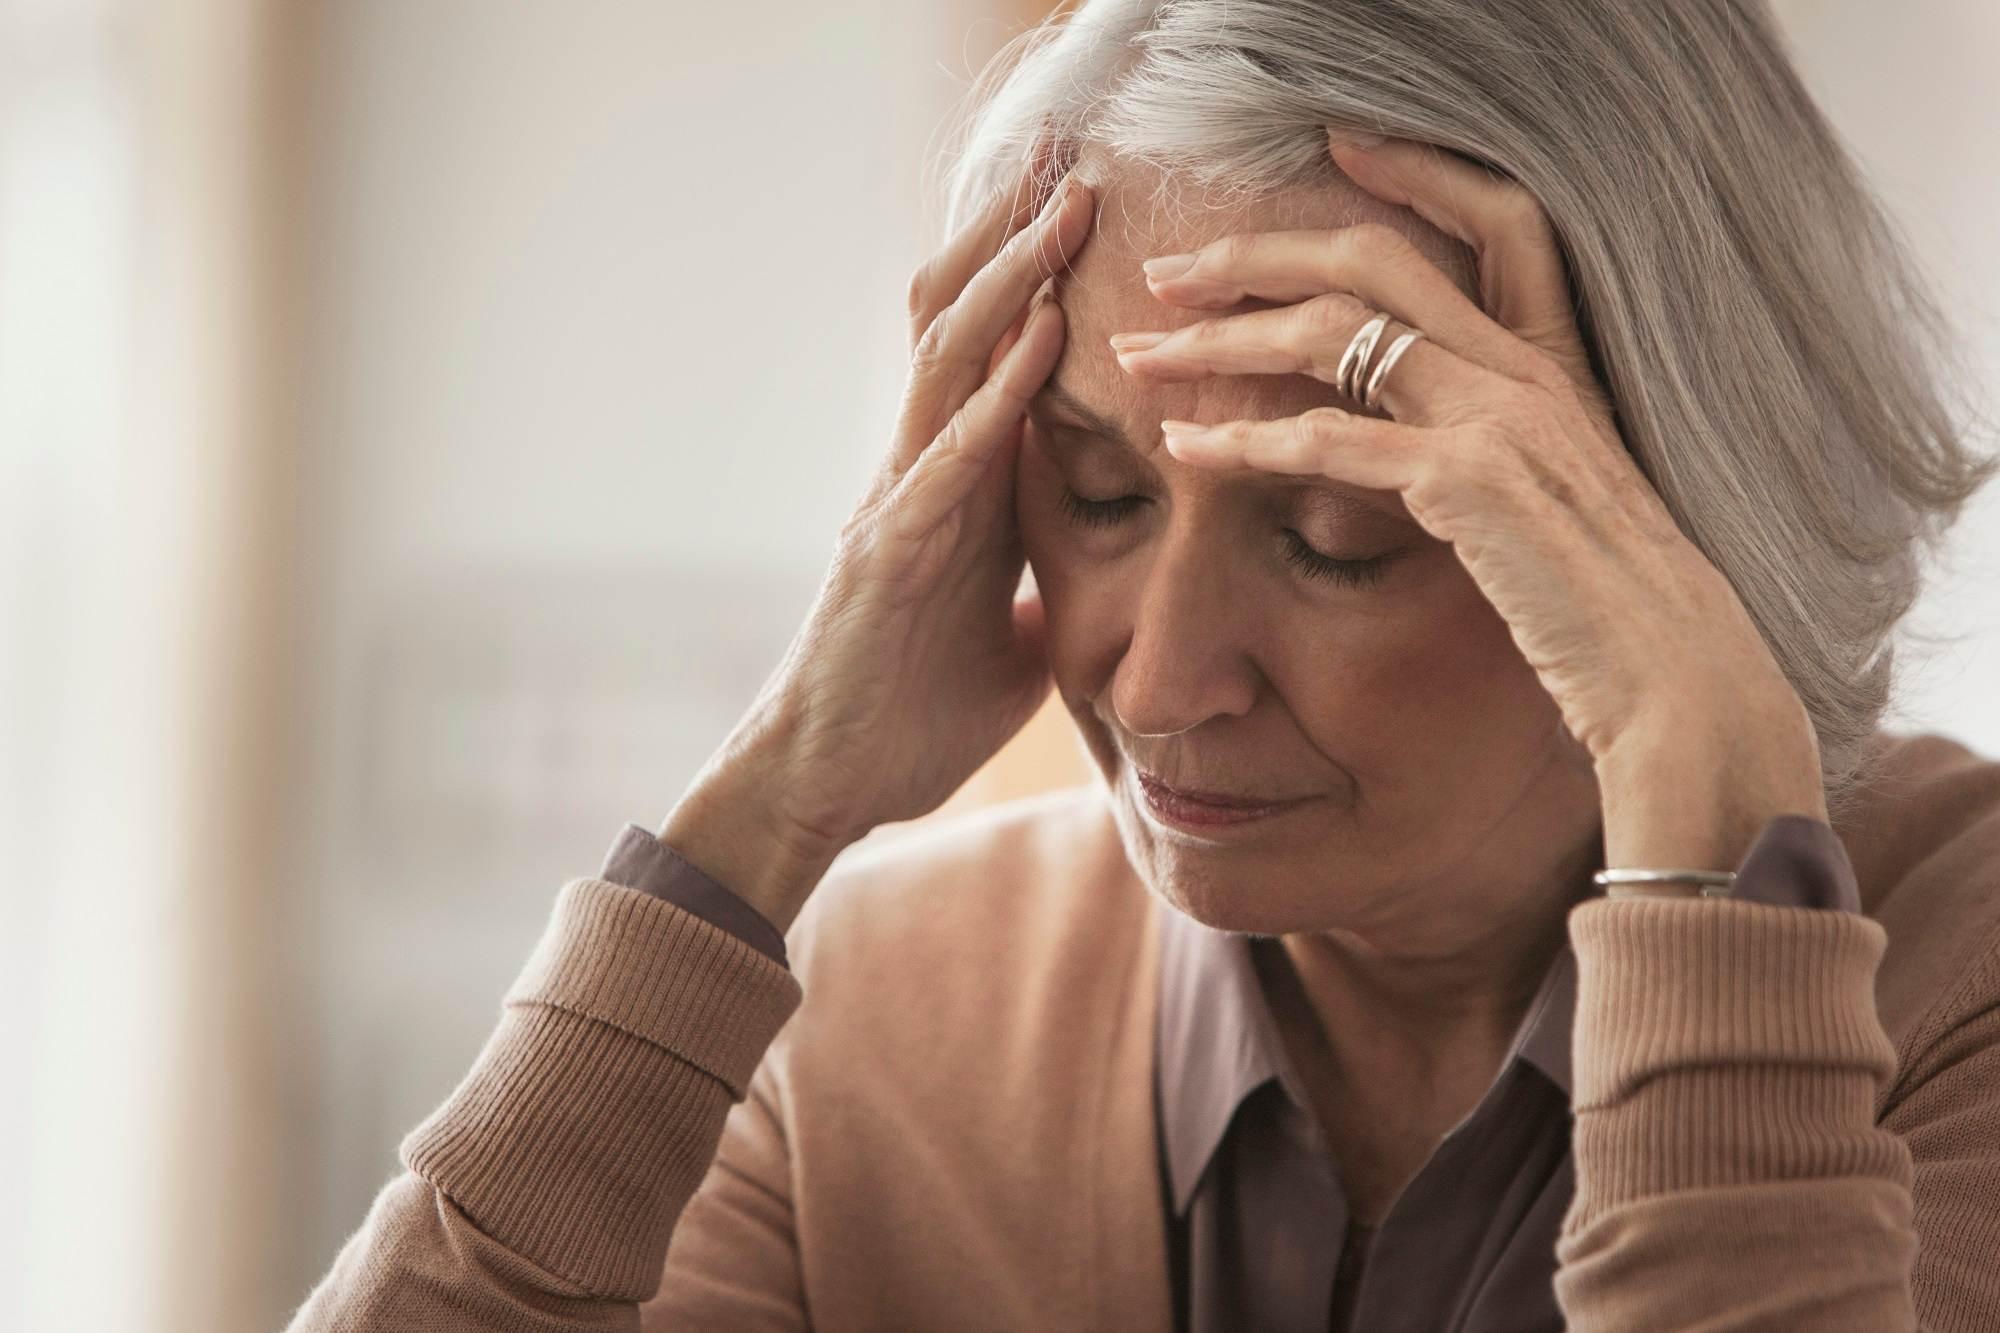 آیا رابطهای میان میگرن و آلزایمر وجود دارد؟